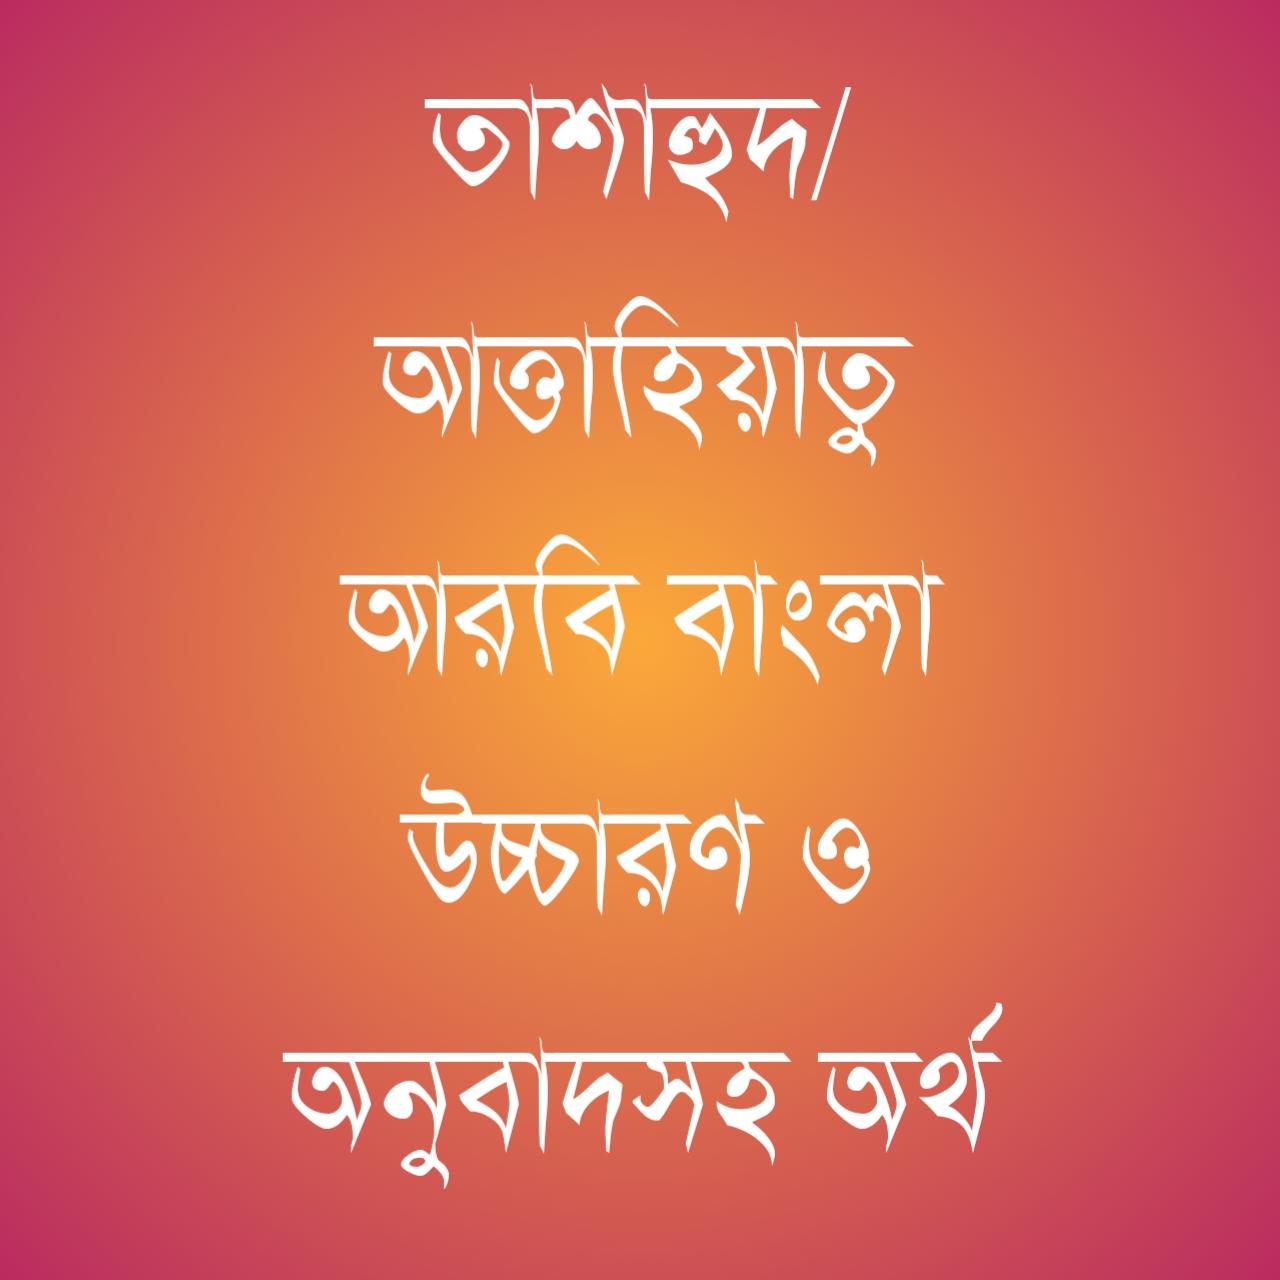 তাশাহুদ/আত্তাহিয়াতু | আরবি | বাংলা | উচ্চারণ ও অনুবাদসহ | অর্থ | Tishaud / Attahiatu Arabician Bangla pronounces and translation